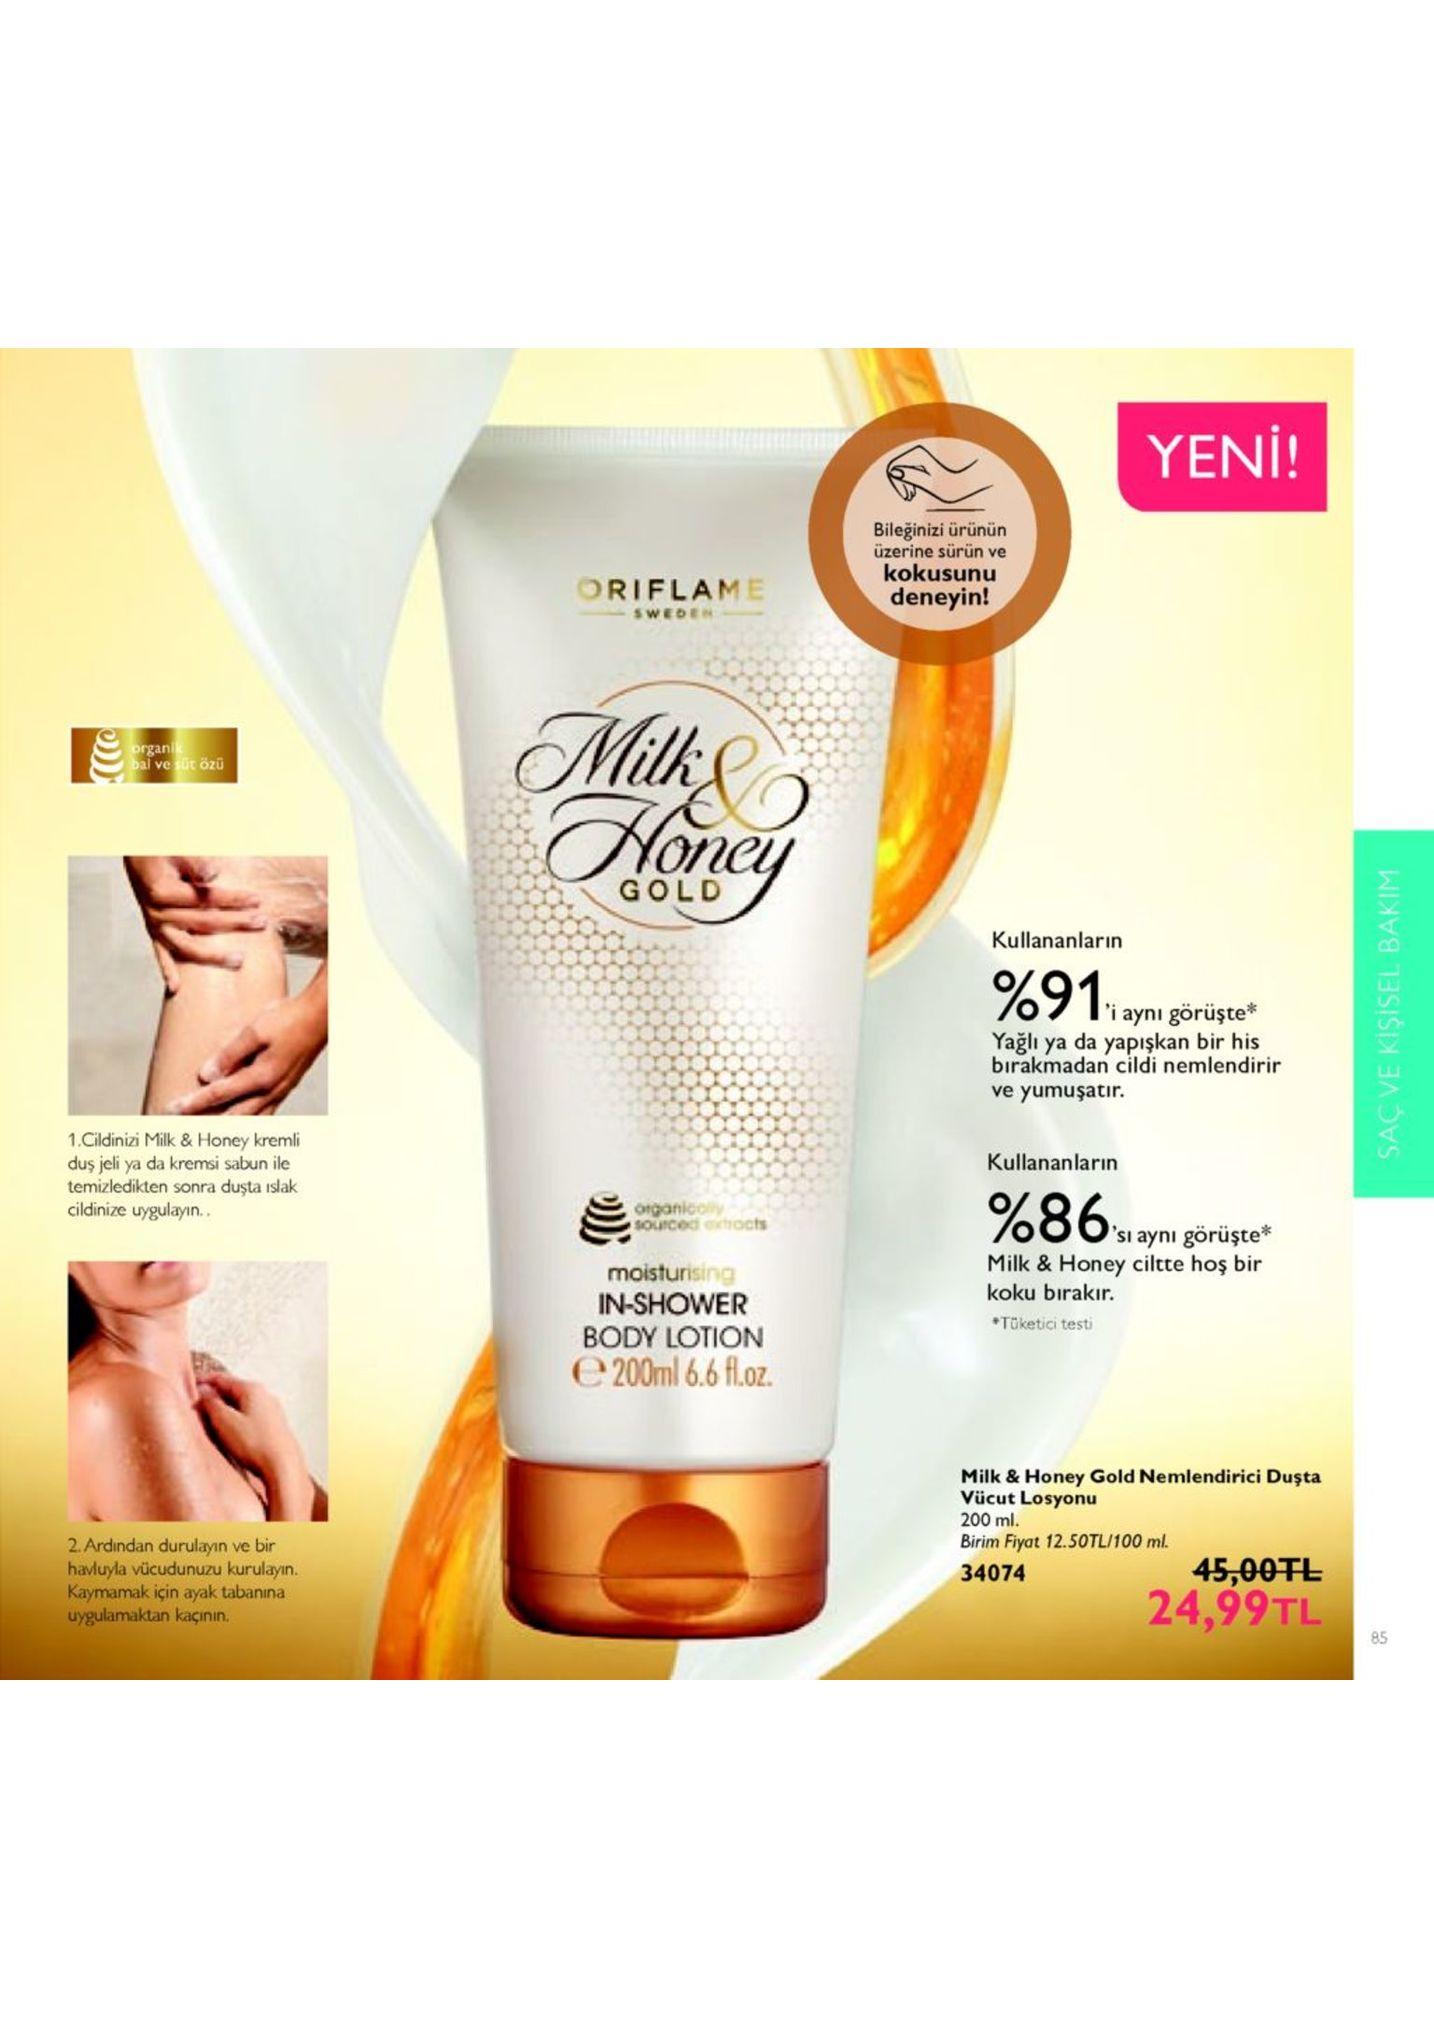 yeni! bileğinizi ürünü uzerine surun ve kokusunu oriflame sweden deneyin! an gold 41 kullananların %91 i aynı görüşte yağlı ya da yapiışkan bir his bırakmadan cildi nemlendirir ve yumuşatir. 1.cildinizi milk & honey kremli duş jeli ya da kremsi sabun ile temizledikten sonra duşta islak cildinize uygulayın. kullananların %86'sı aynı goruşt sourced extocts milk & honey ciltte hoş bir koku bırakır. moisturising in-shower body lotion e200ml 6.6 floz tüketici test milk & honey gold nemlendirici duşta vücut losyonu 200 ml. birim fiyat 12.50tli100 ml. 2. ardindan durulayın ve bir havduyla vücudunuzu kurulayn kaymamak için ayak tabanina uygulamaktan kaçının. 45,00tl 24,99tl 34074